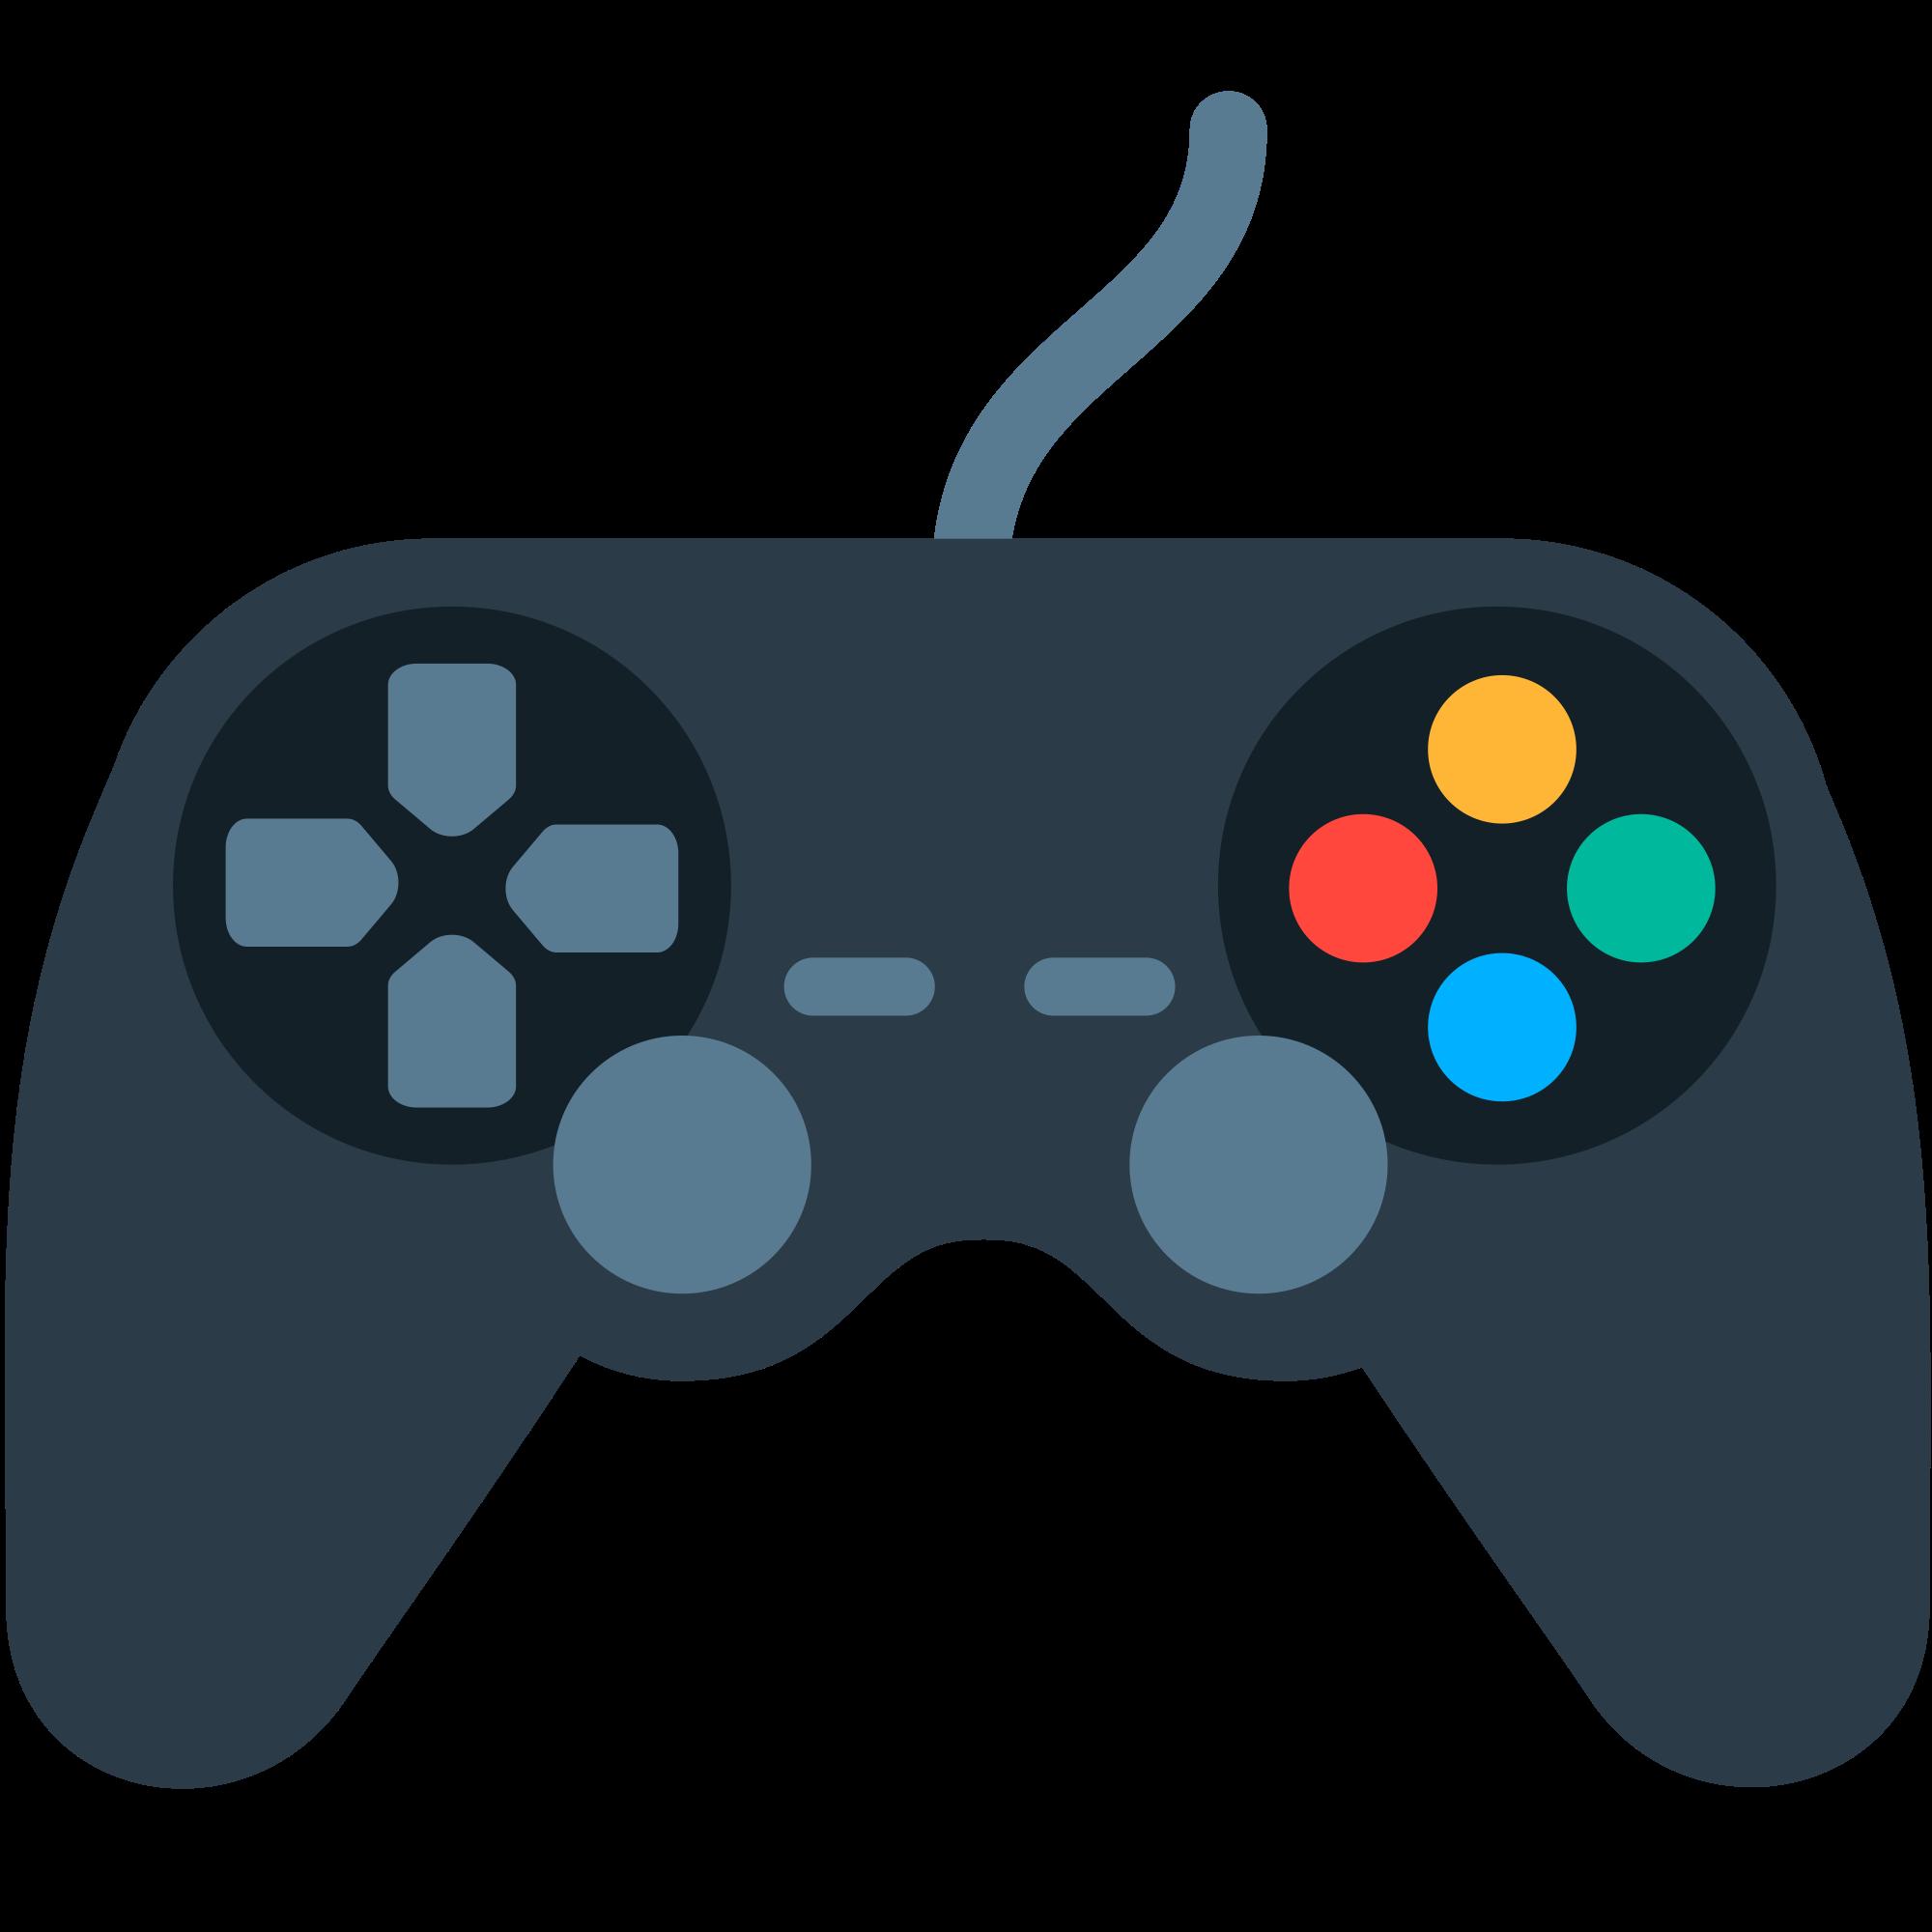 All Xbox Game Video Accessory Emoji Controle De Ps4 Controle Video Game Controle De Videogame